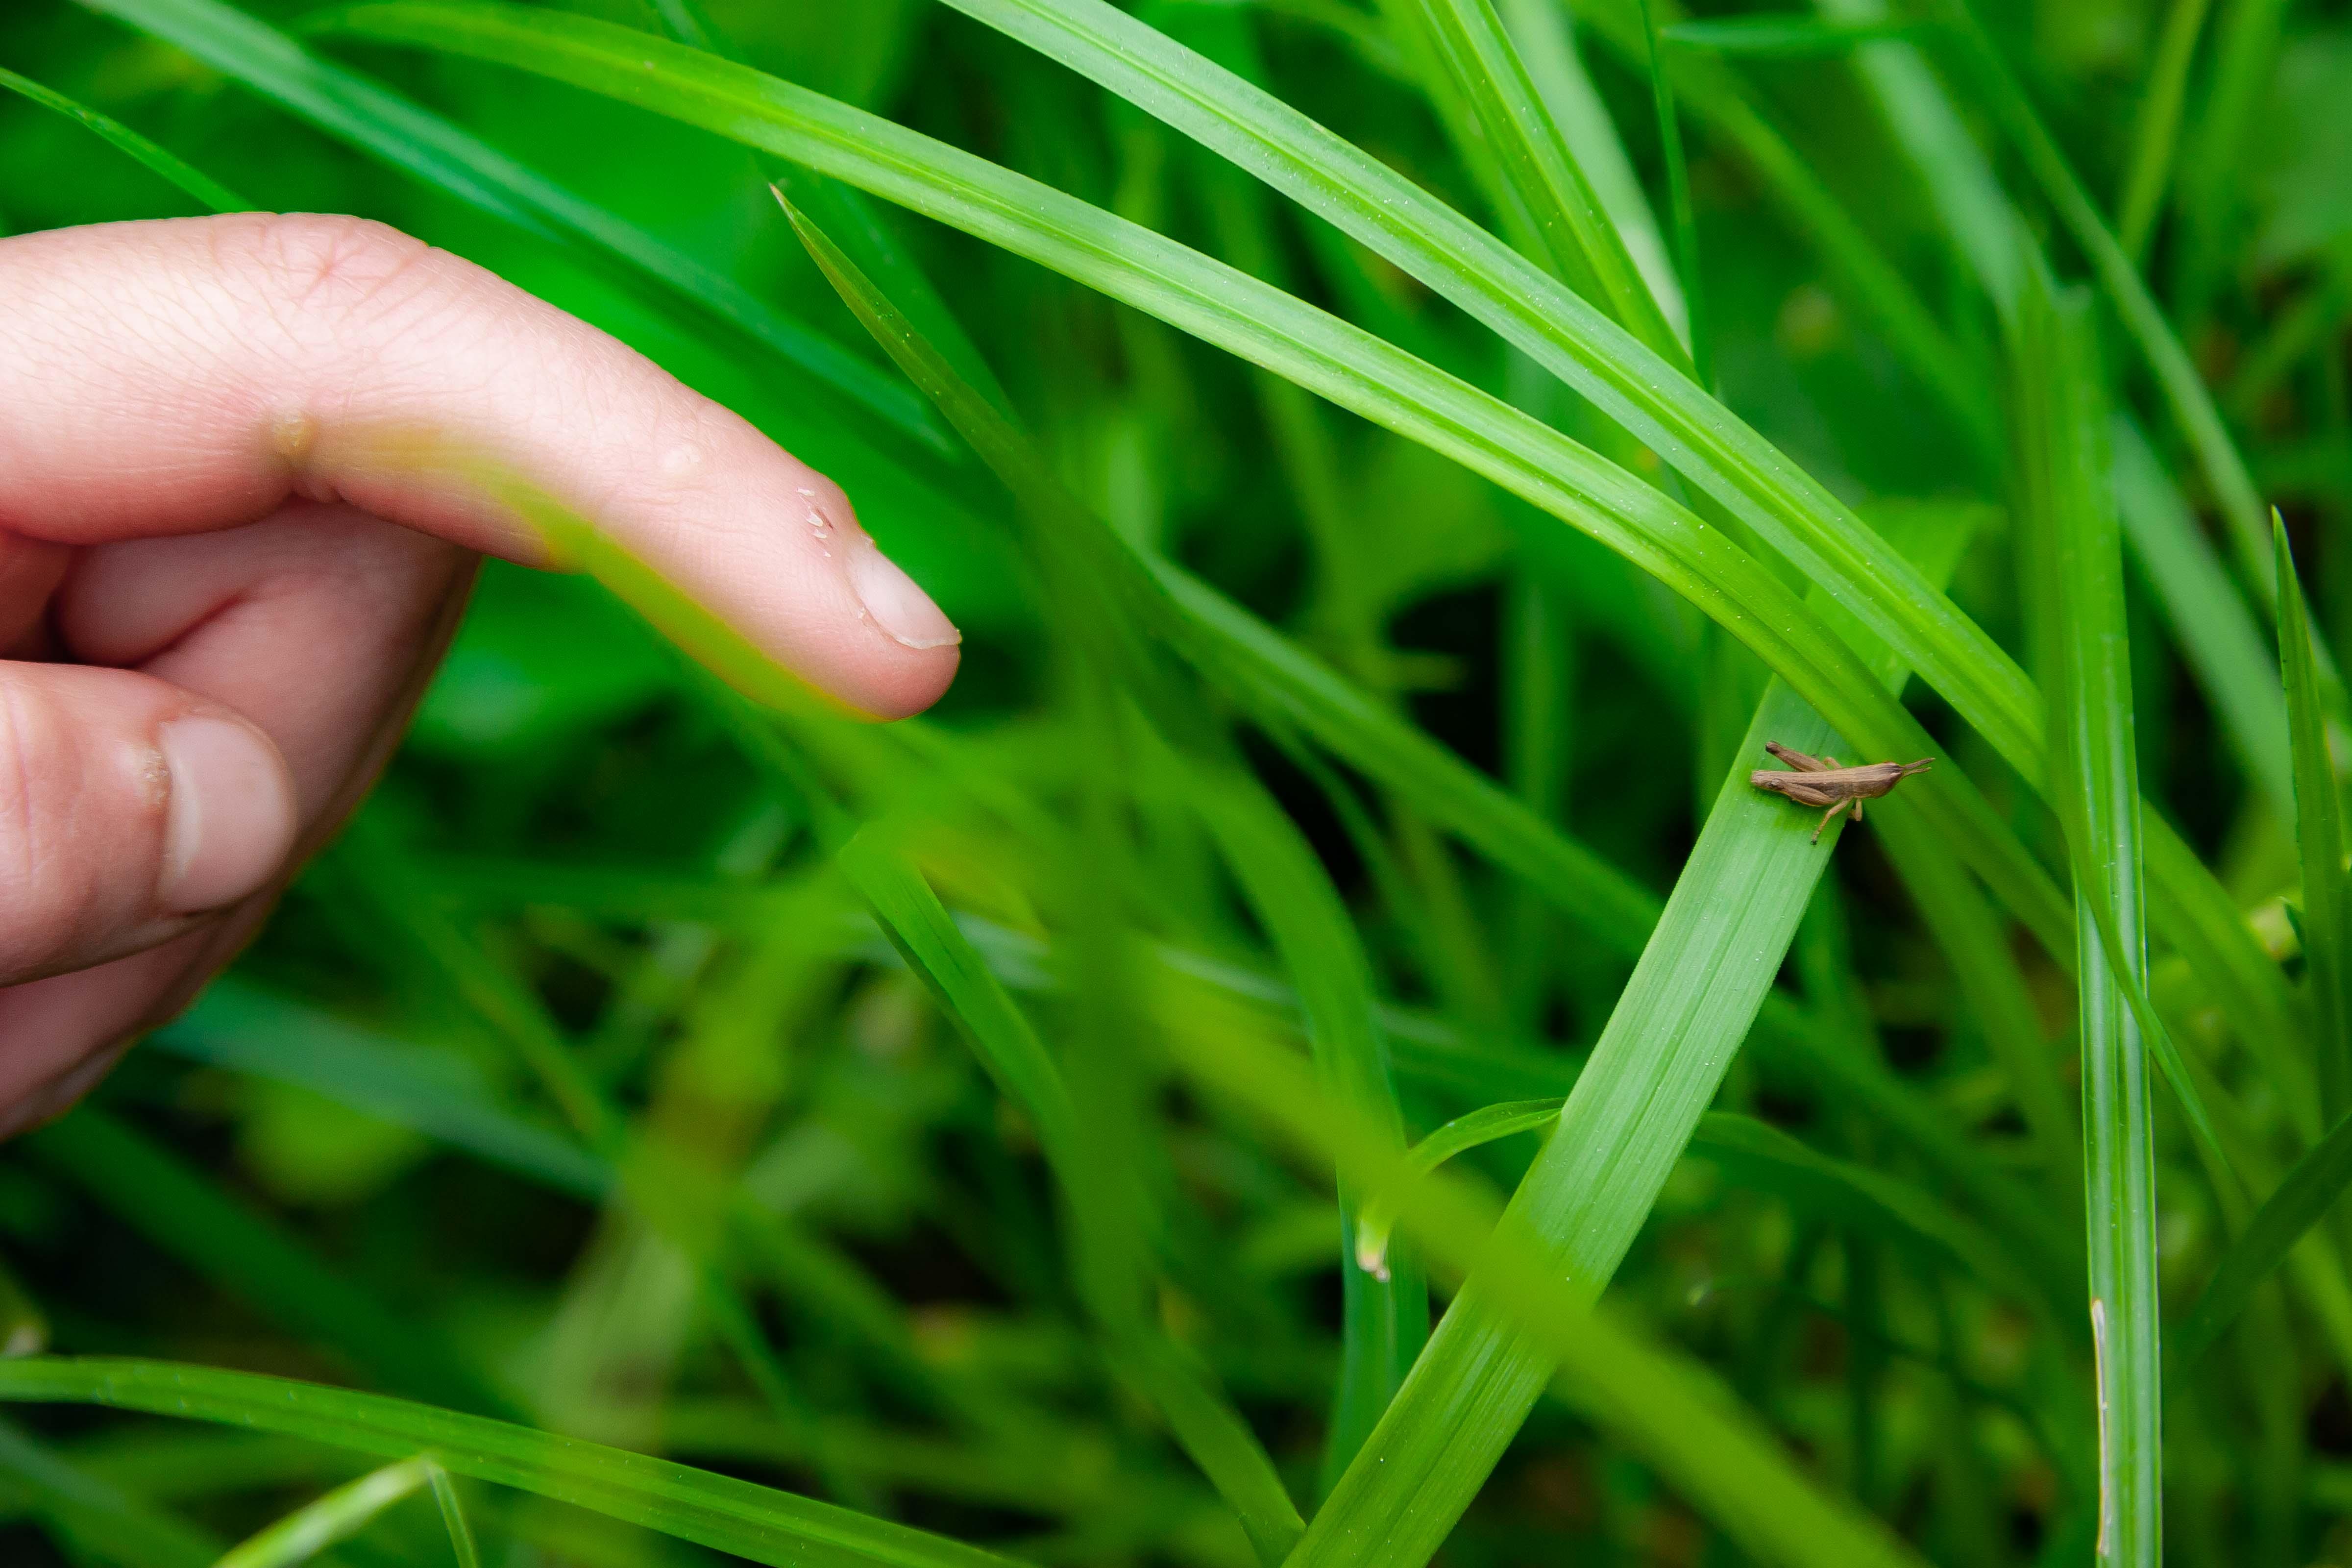 Slovenia, Sentjur Prov, Grasshopper And Child Finger, 2006, IMG 7883